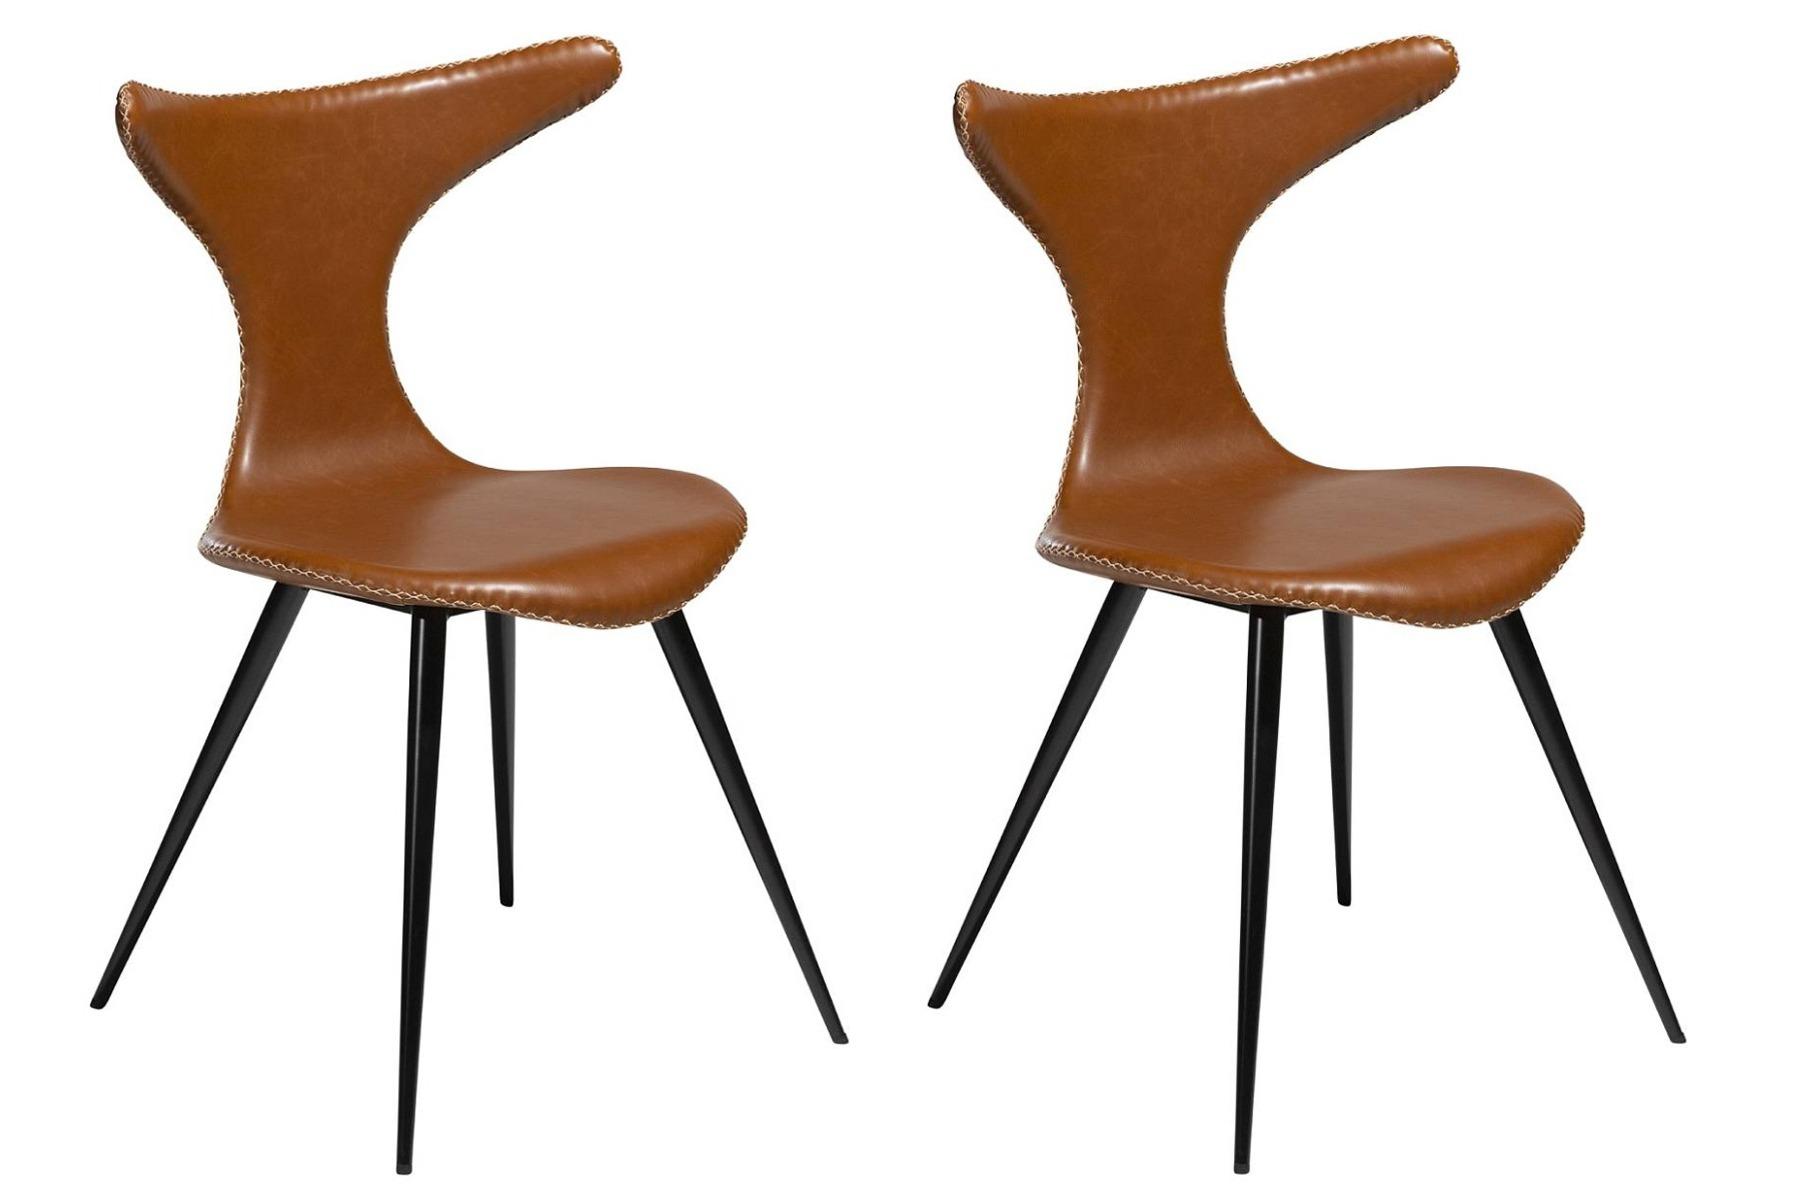 Dan-Form Dolphin Stoel – Set Van 2 – Lichtbruin Kunstleer – Zwarte Metalen Poten   5710172069181